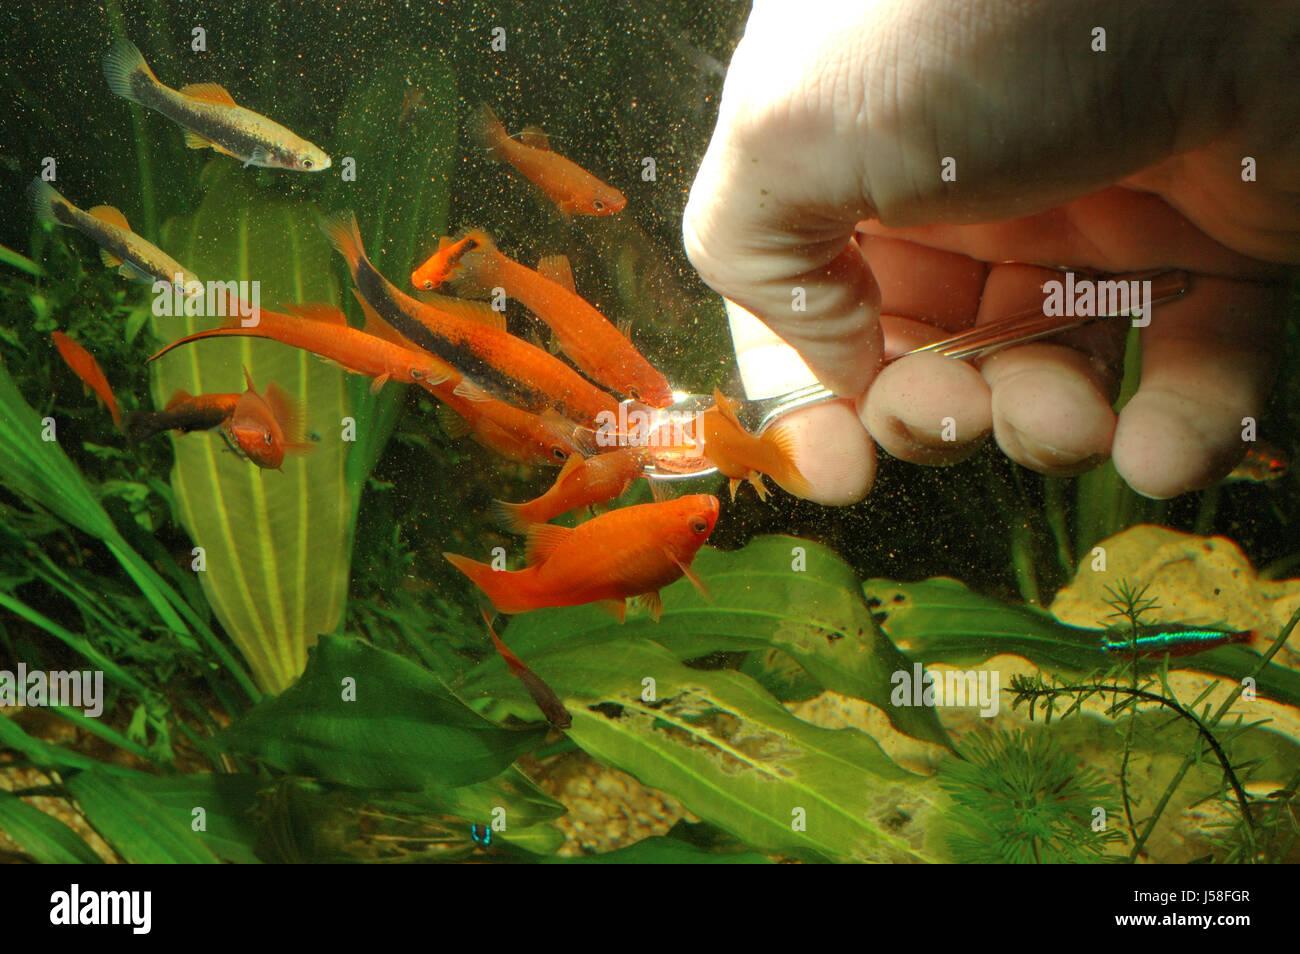 Freshwater fish hobby - Hand Fodder Aquarium Fish Hobby Fresh Water Water Feed Pisces Ruddiness Red Stock Image